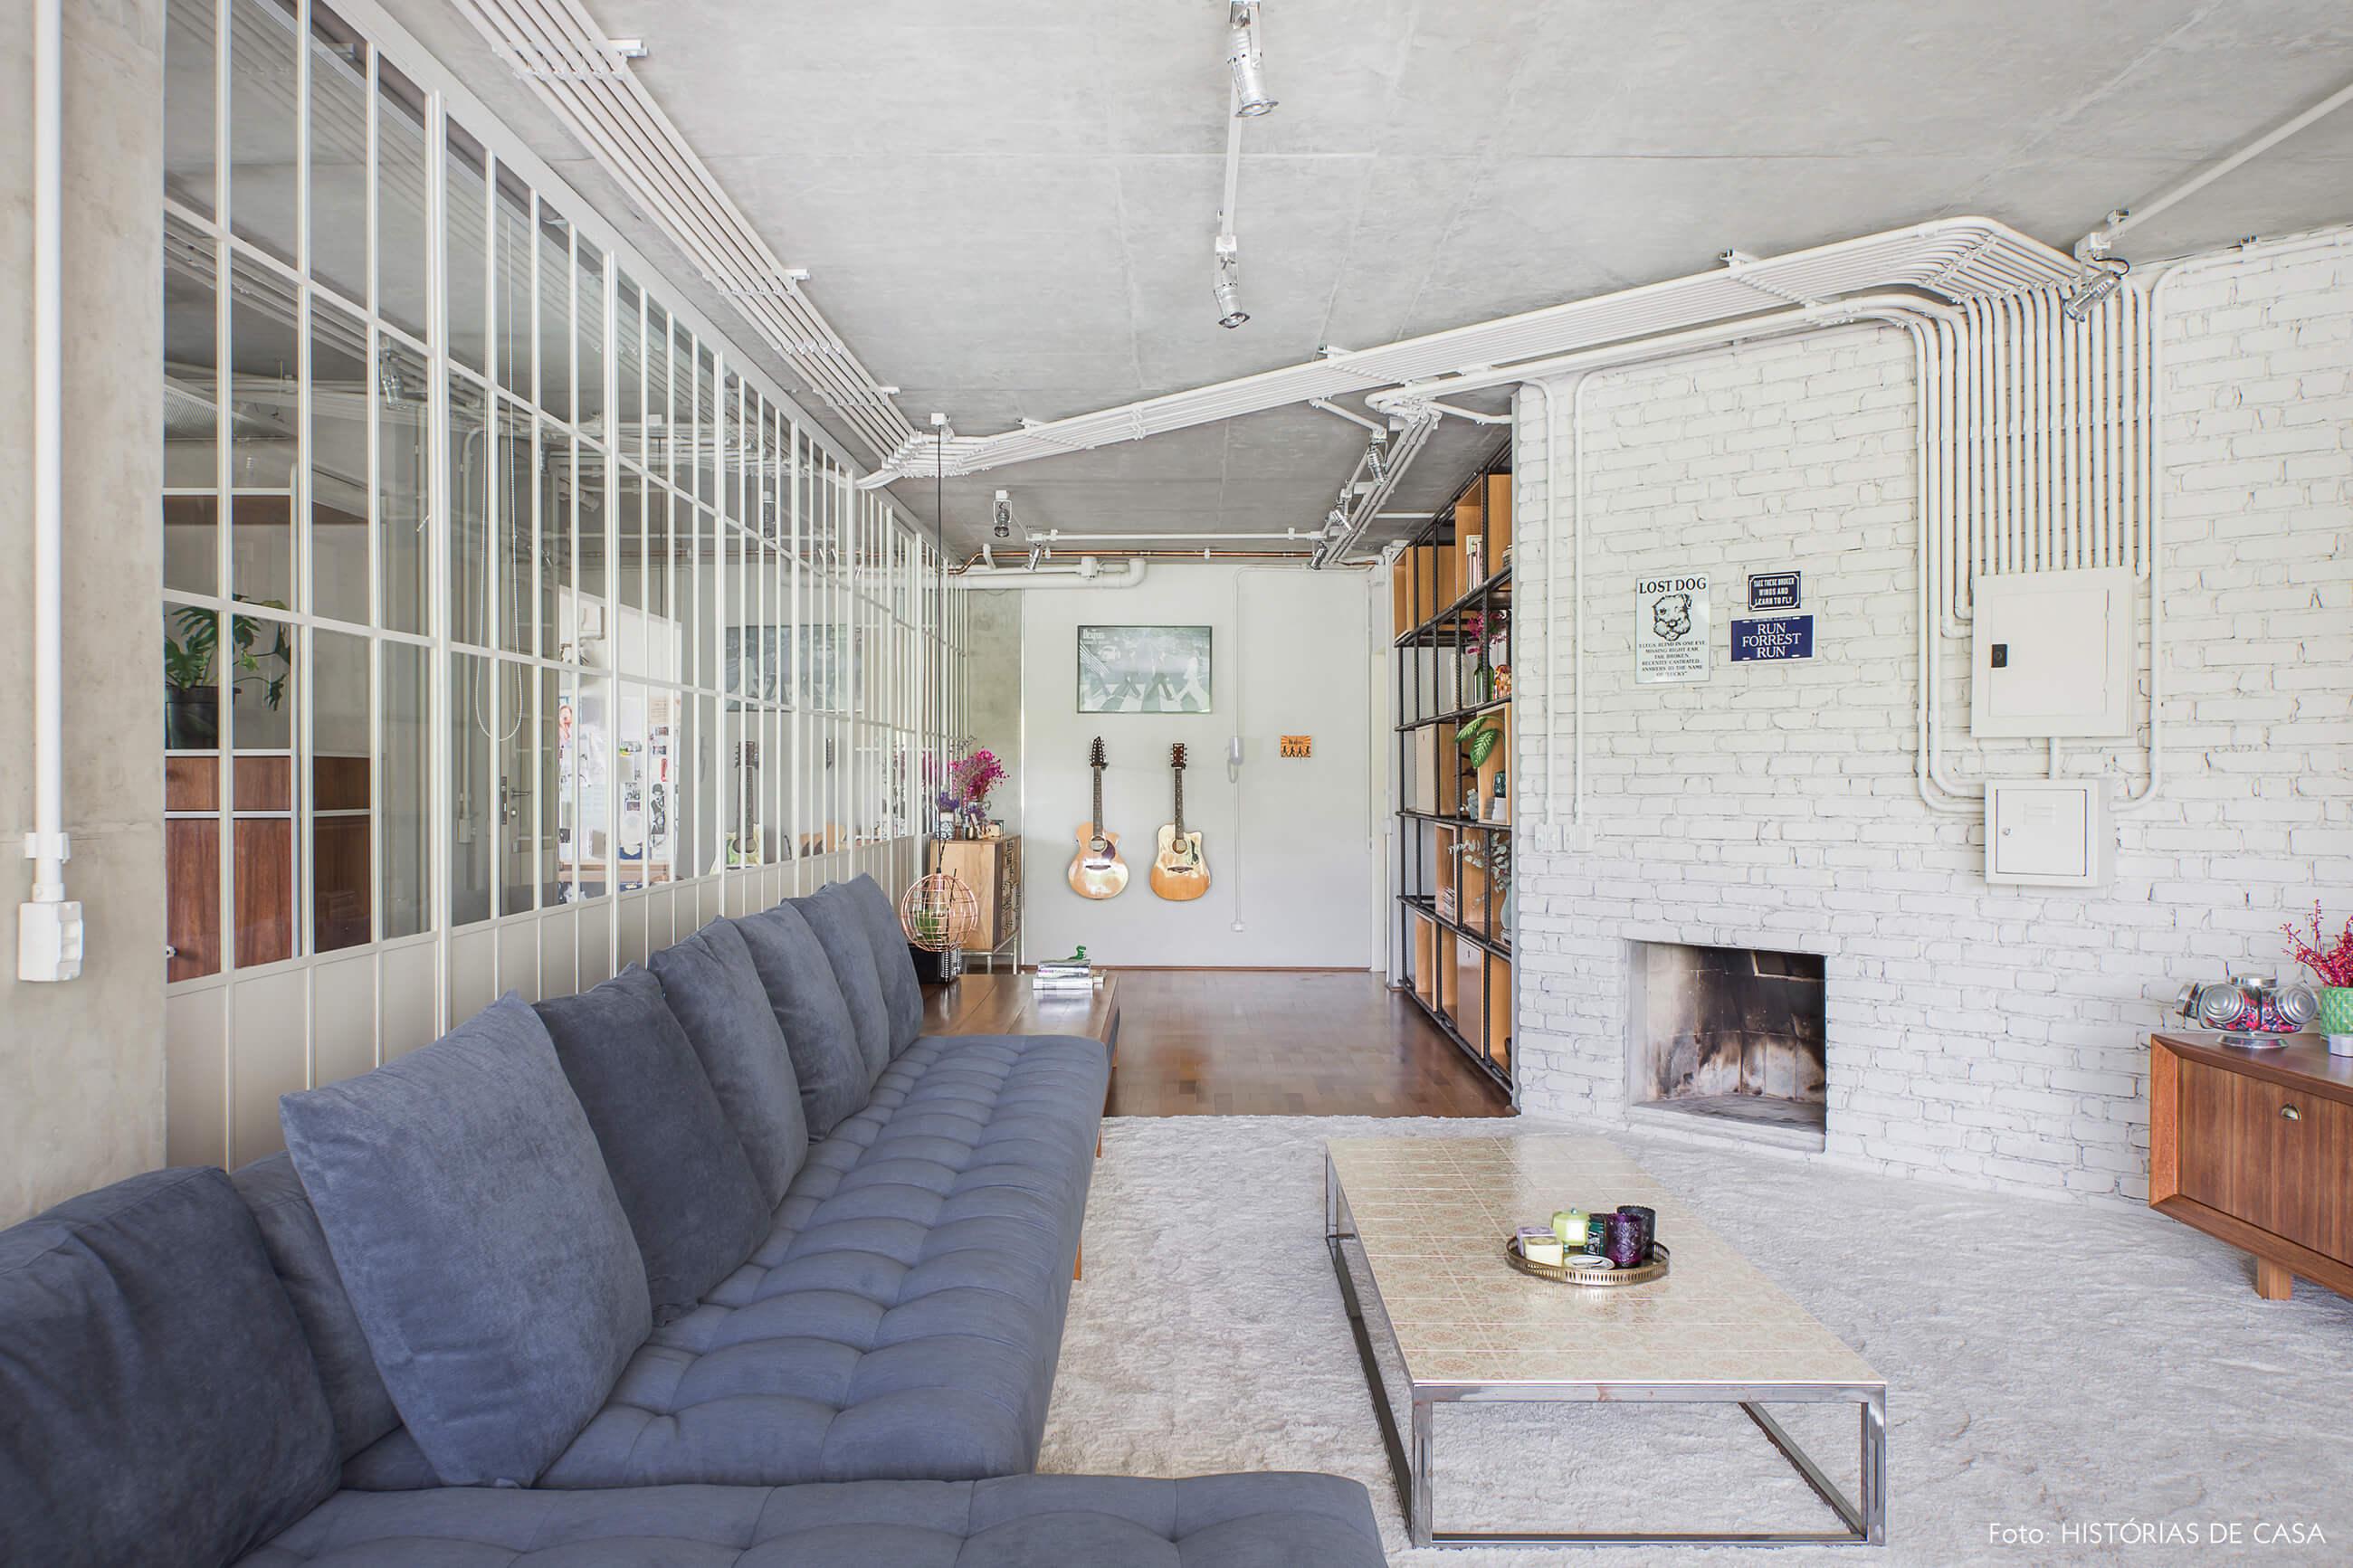 Apartamento com sala integrada e paredes de tijolinho